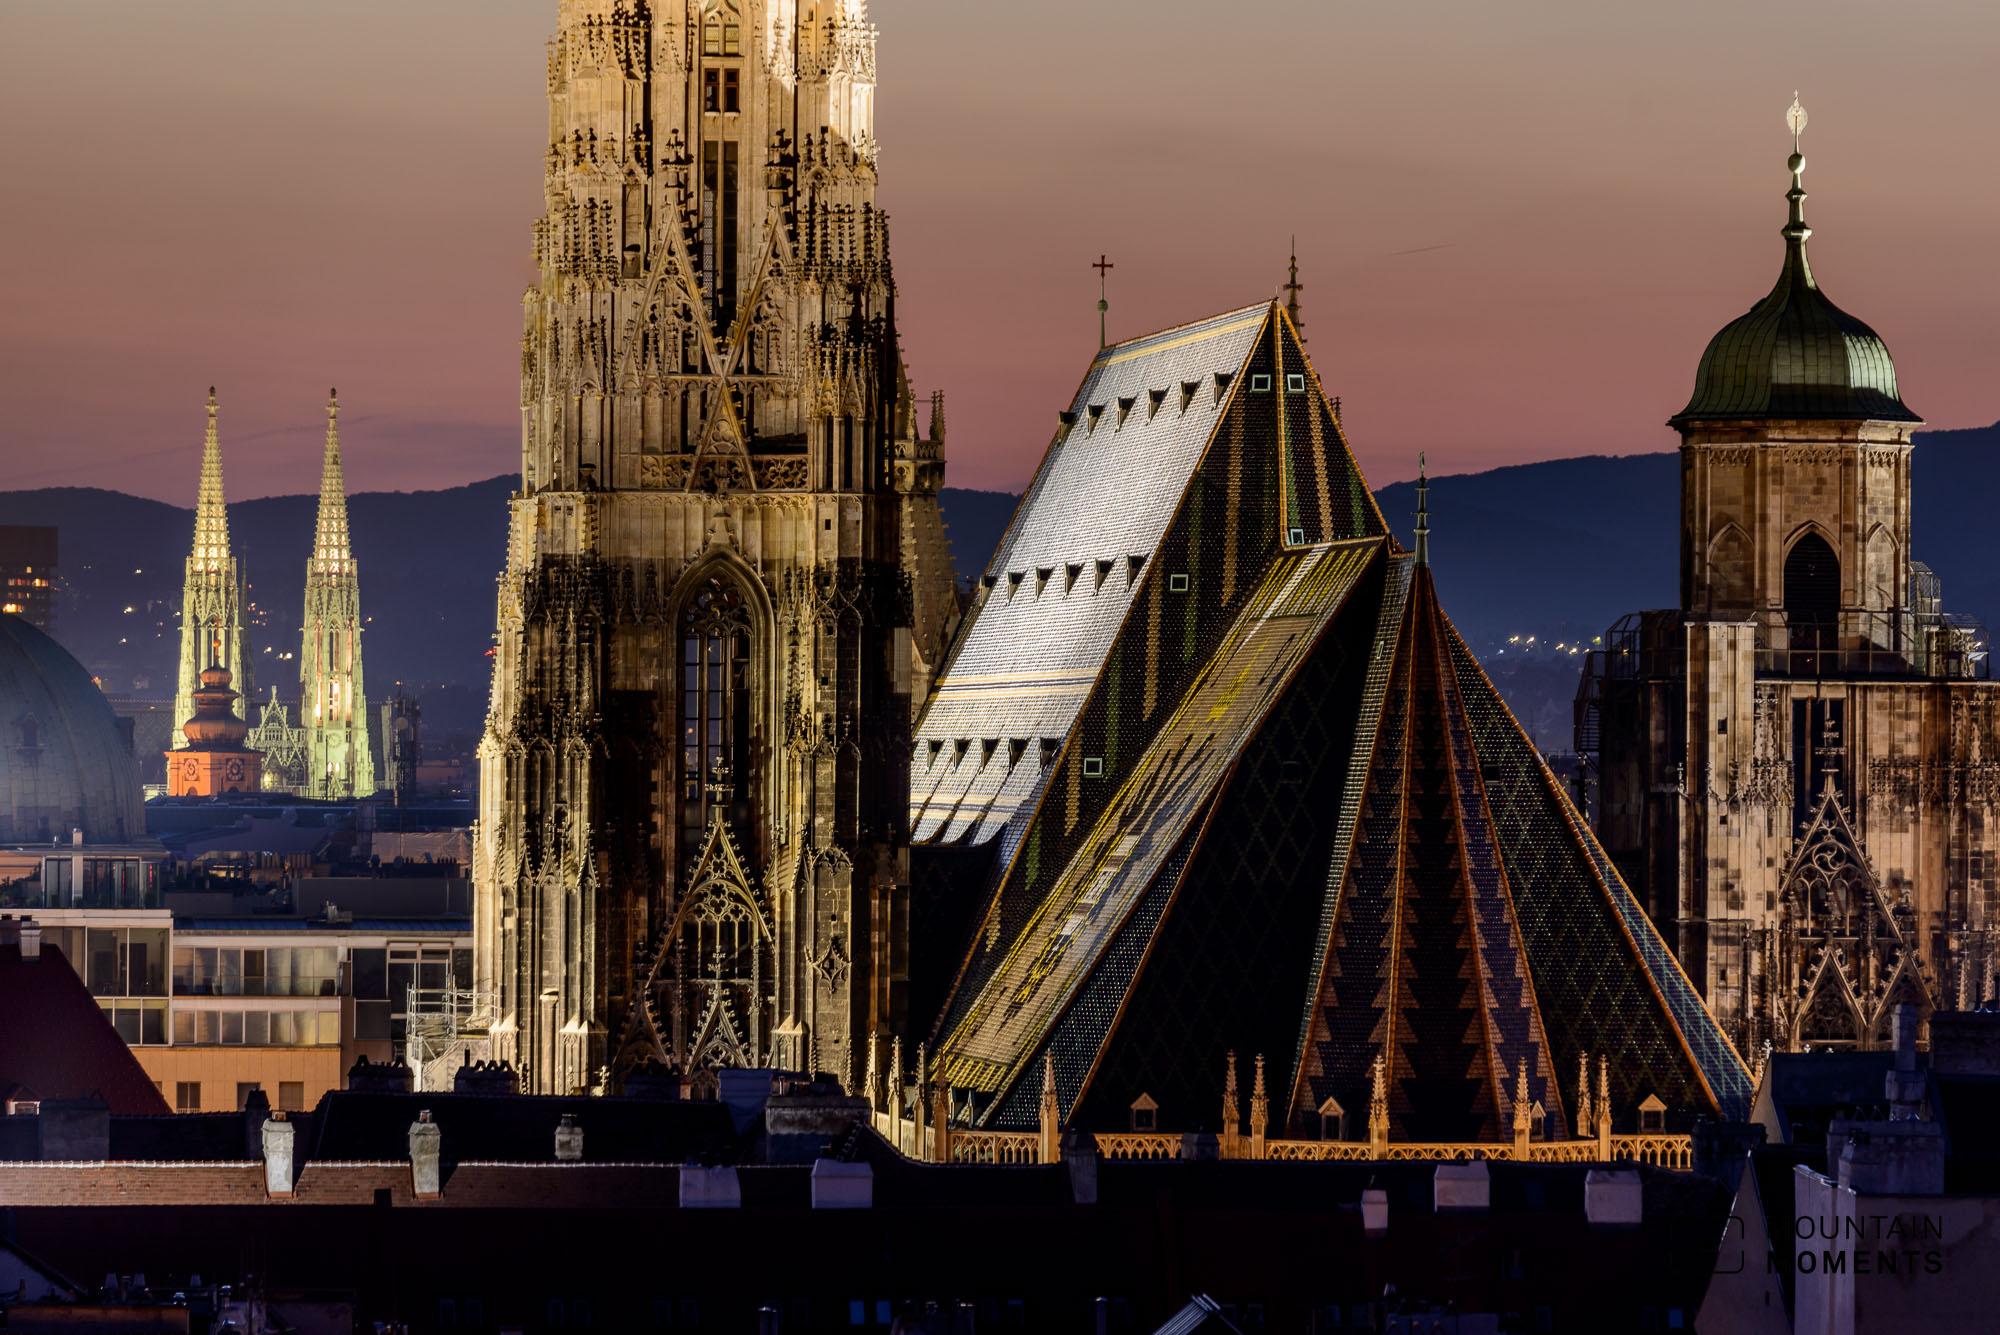 Fotospots österreich, fotolocations österreich, schöne orte österreich, sehenswürdigkeiten österreich